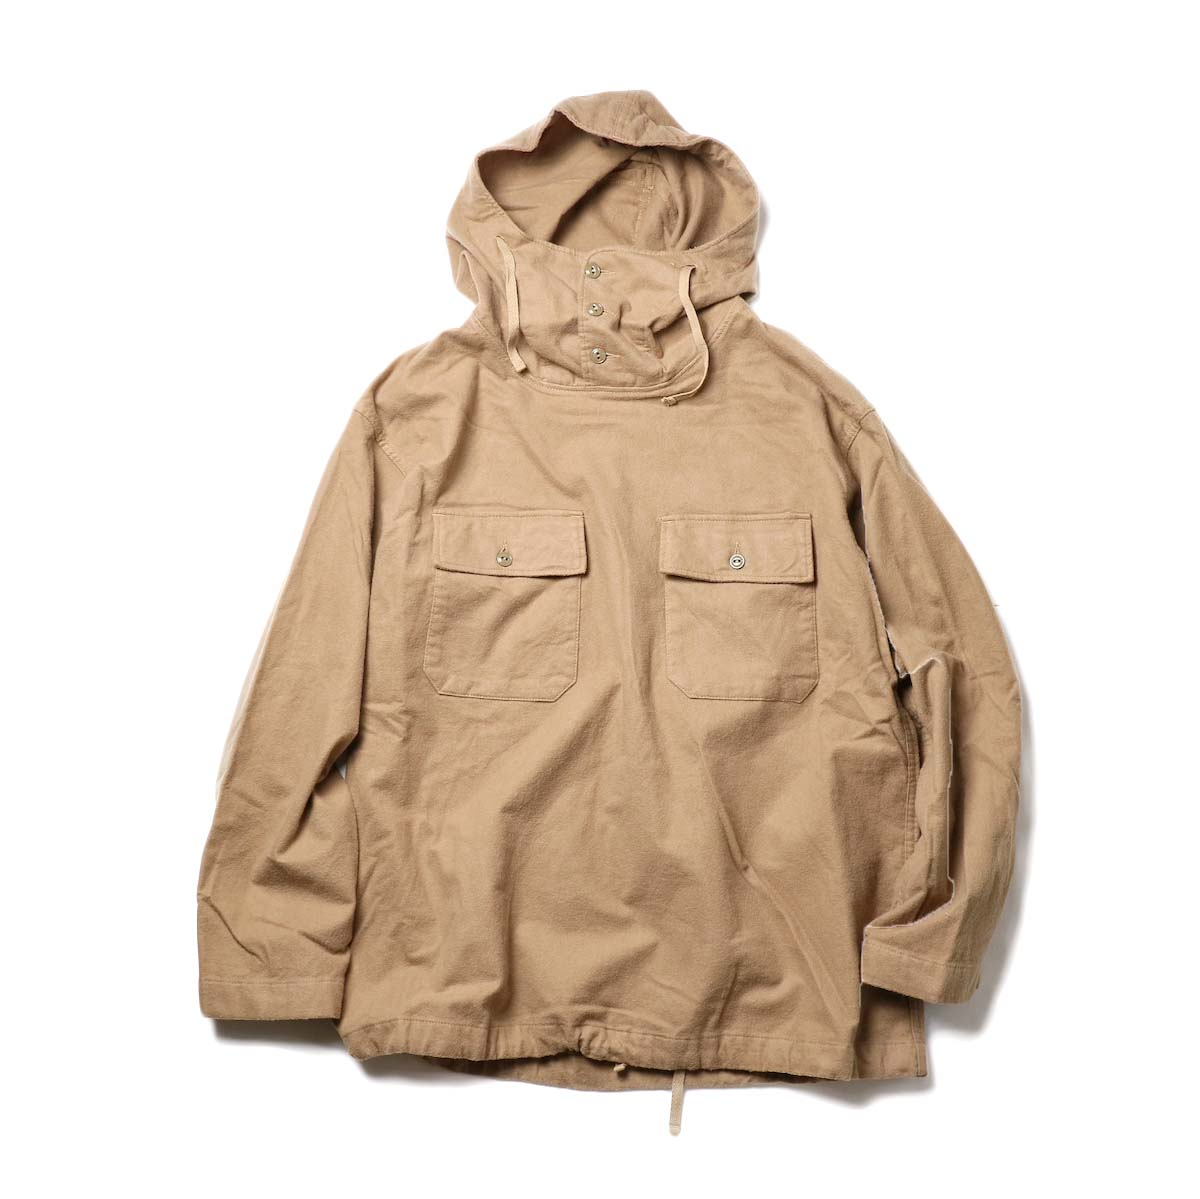 Engineered Garments / Cagoule Shirt -Brushed Twill (Khaki)